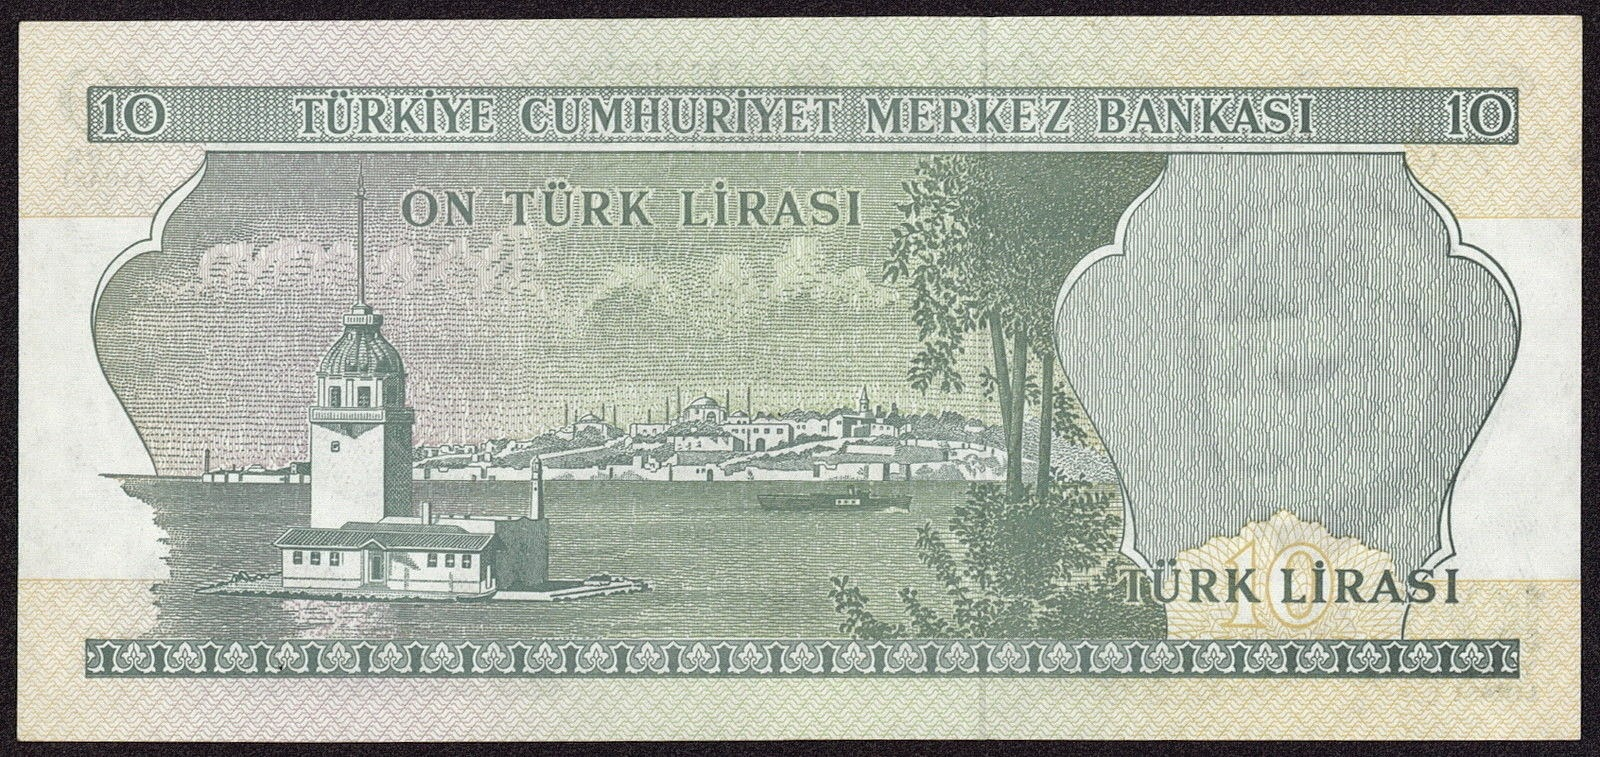 """Turkey currency money 10 Türk Lirasi """"Turkish Lira"""" note 1970 Maiden's Tower on Bosphorus in İstanbul"""